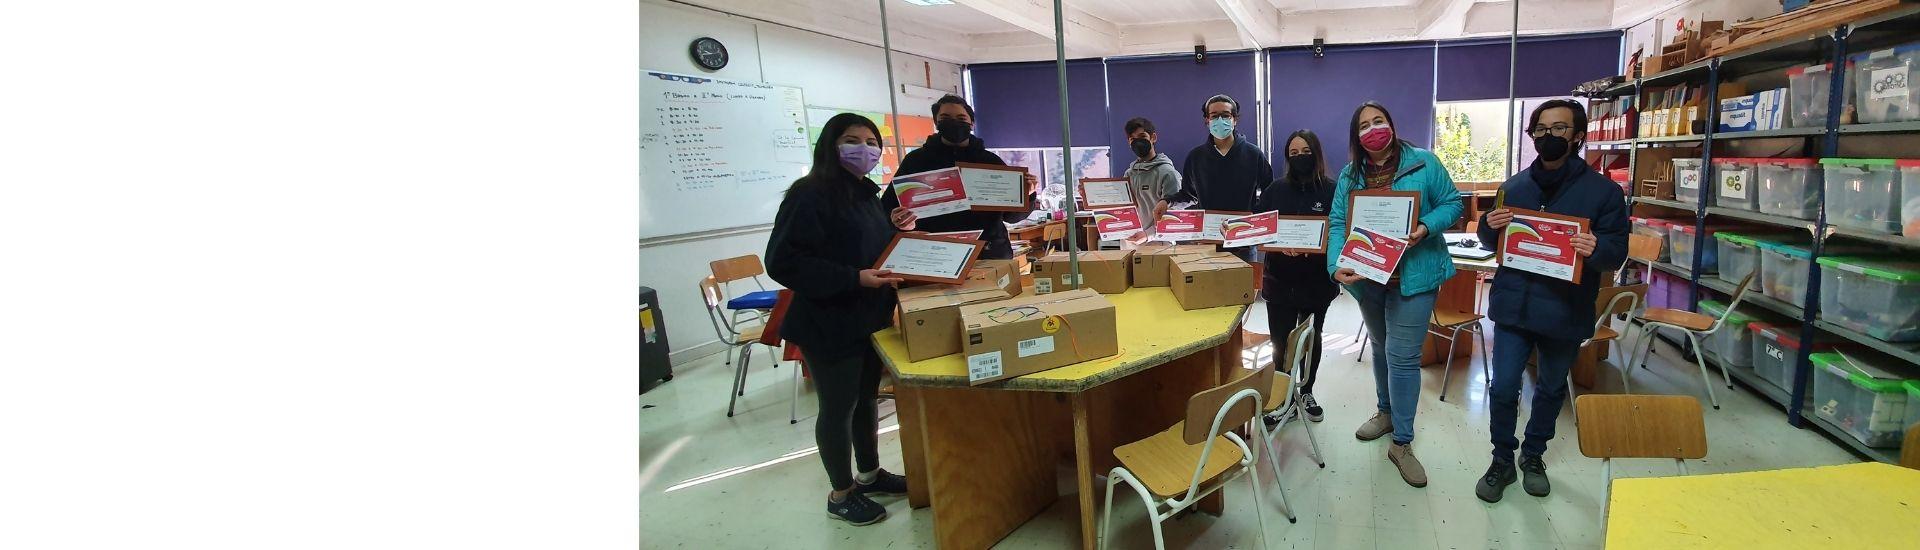 profesora con su equipo de rob[otica sosteniendo un diploa de primer lugar por ganar en una competencia